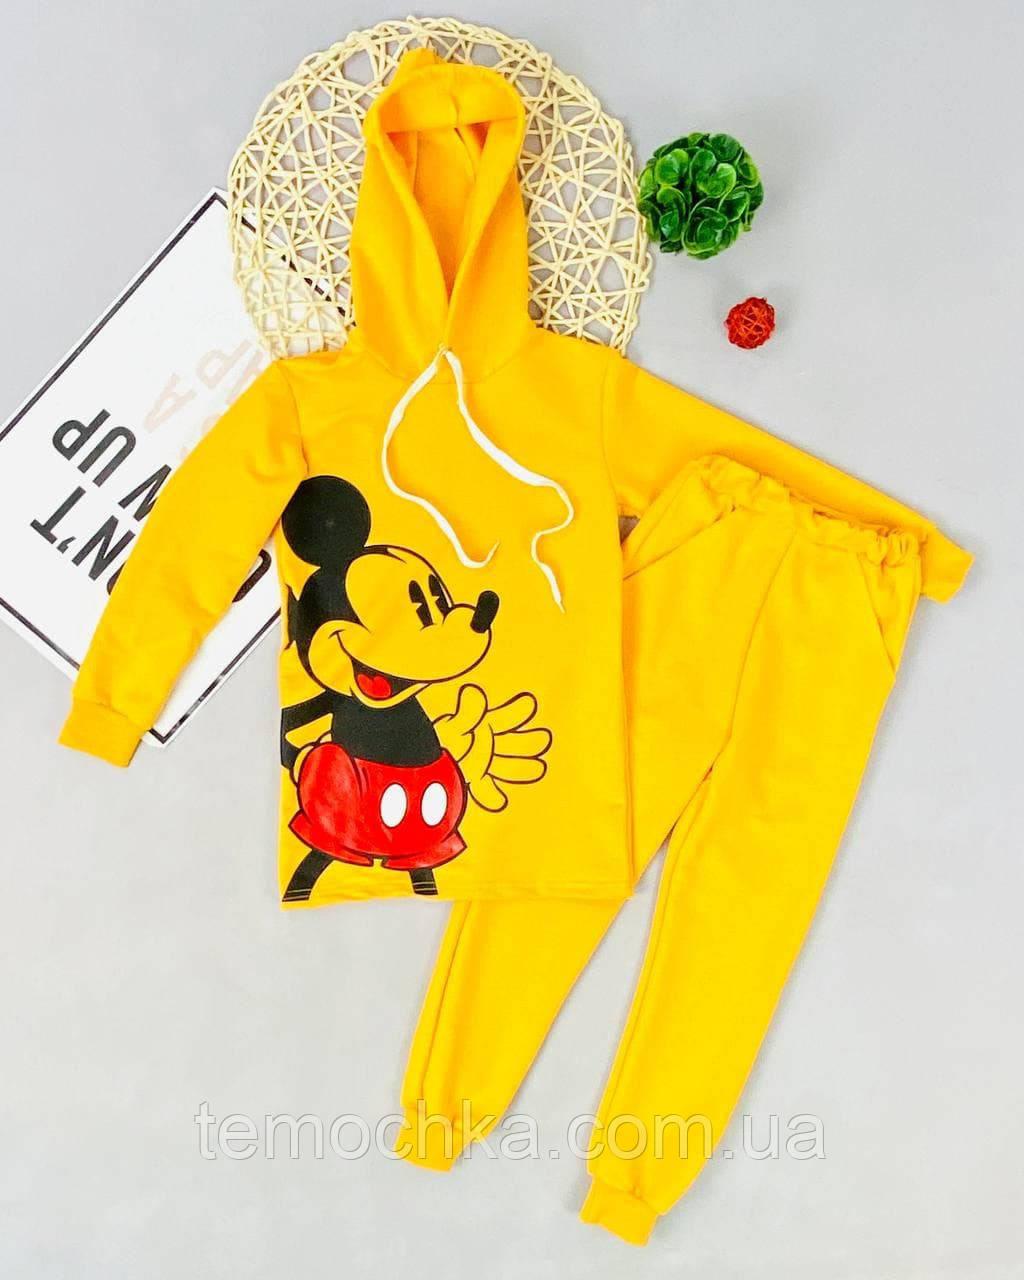 Спортивный детский костюм для мальчика или девочки Микки Маус